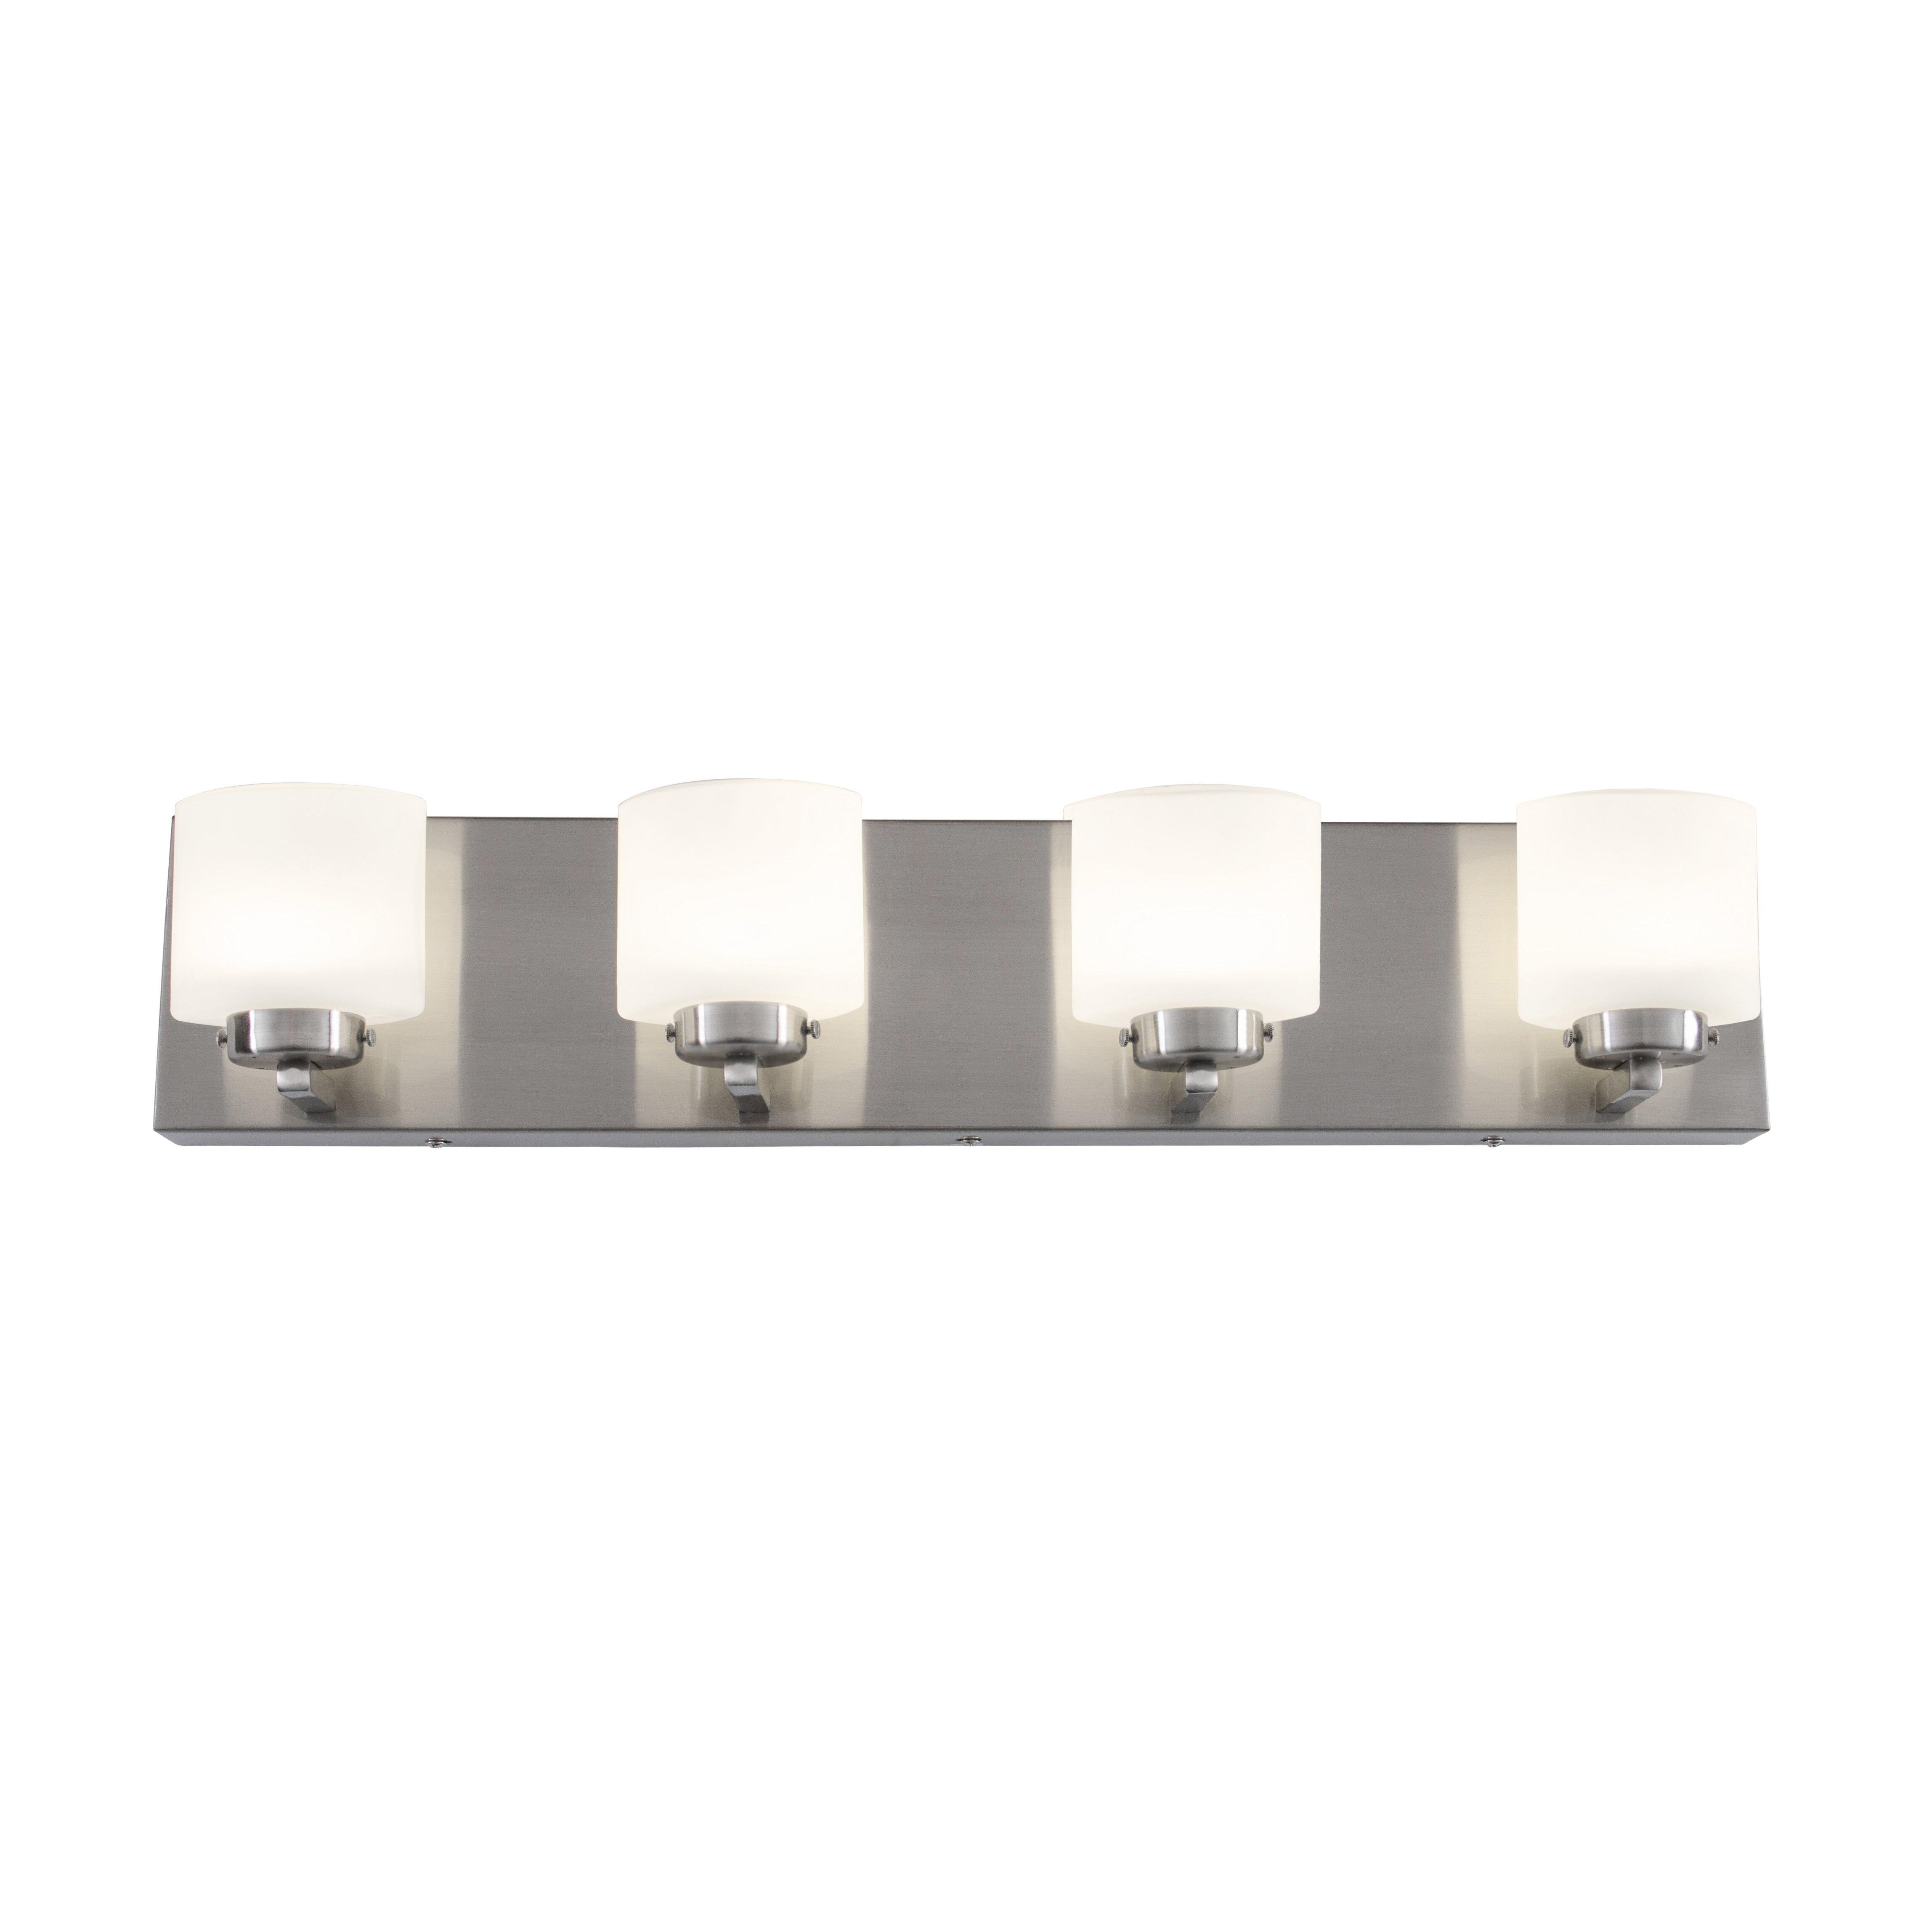 Alternating current clean 4 light led vanity light for Led bathroom vanity light